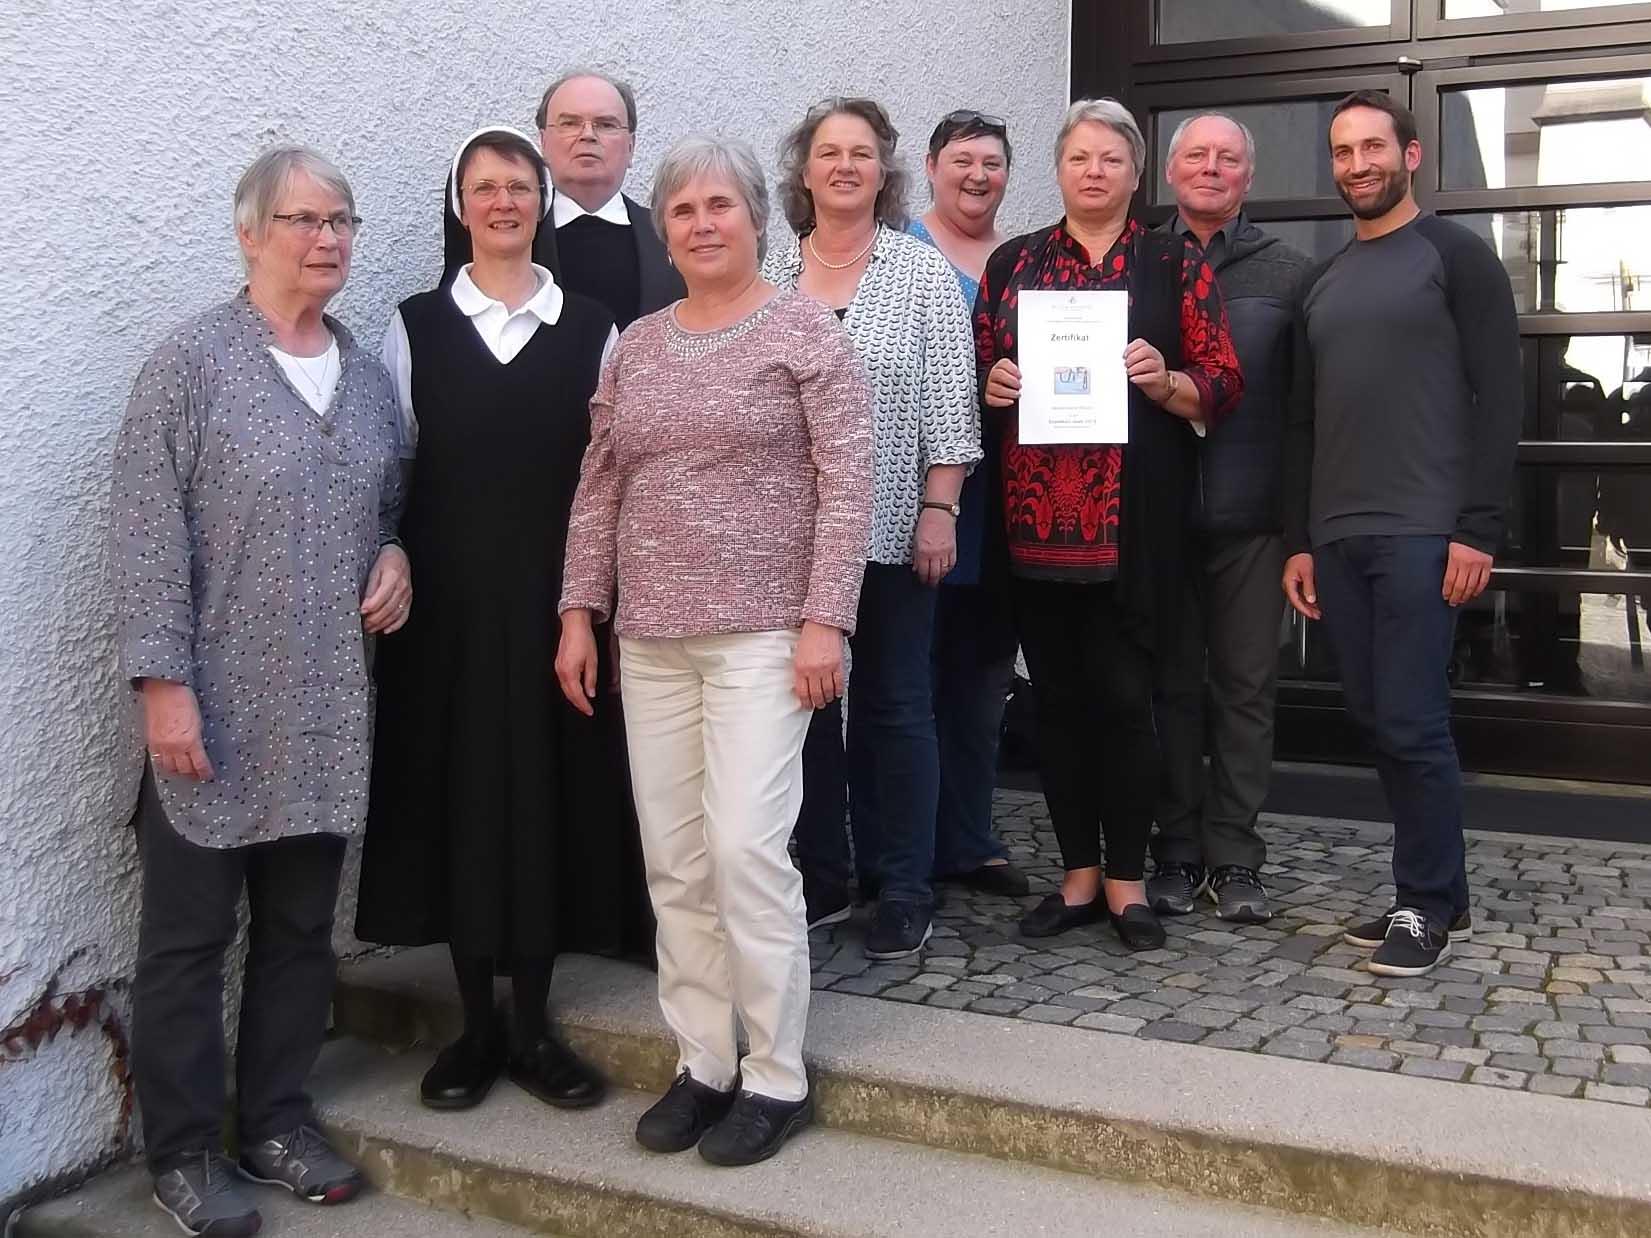 Die Teilnehmerinnen und Teilnehmer des Grundkurses Islam mit Diözesanadministrator Prälat Dr. Bertram Meier (dritter von links) und der Kursleiterin Sr. Dr. Theresia Wittemann OSF (zweite von links). (Foto: Hauptabteilung Seelsorge)